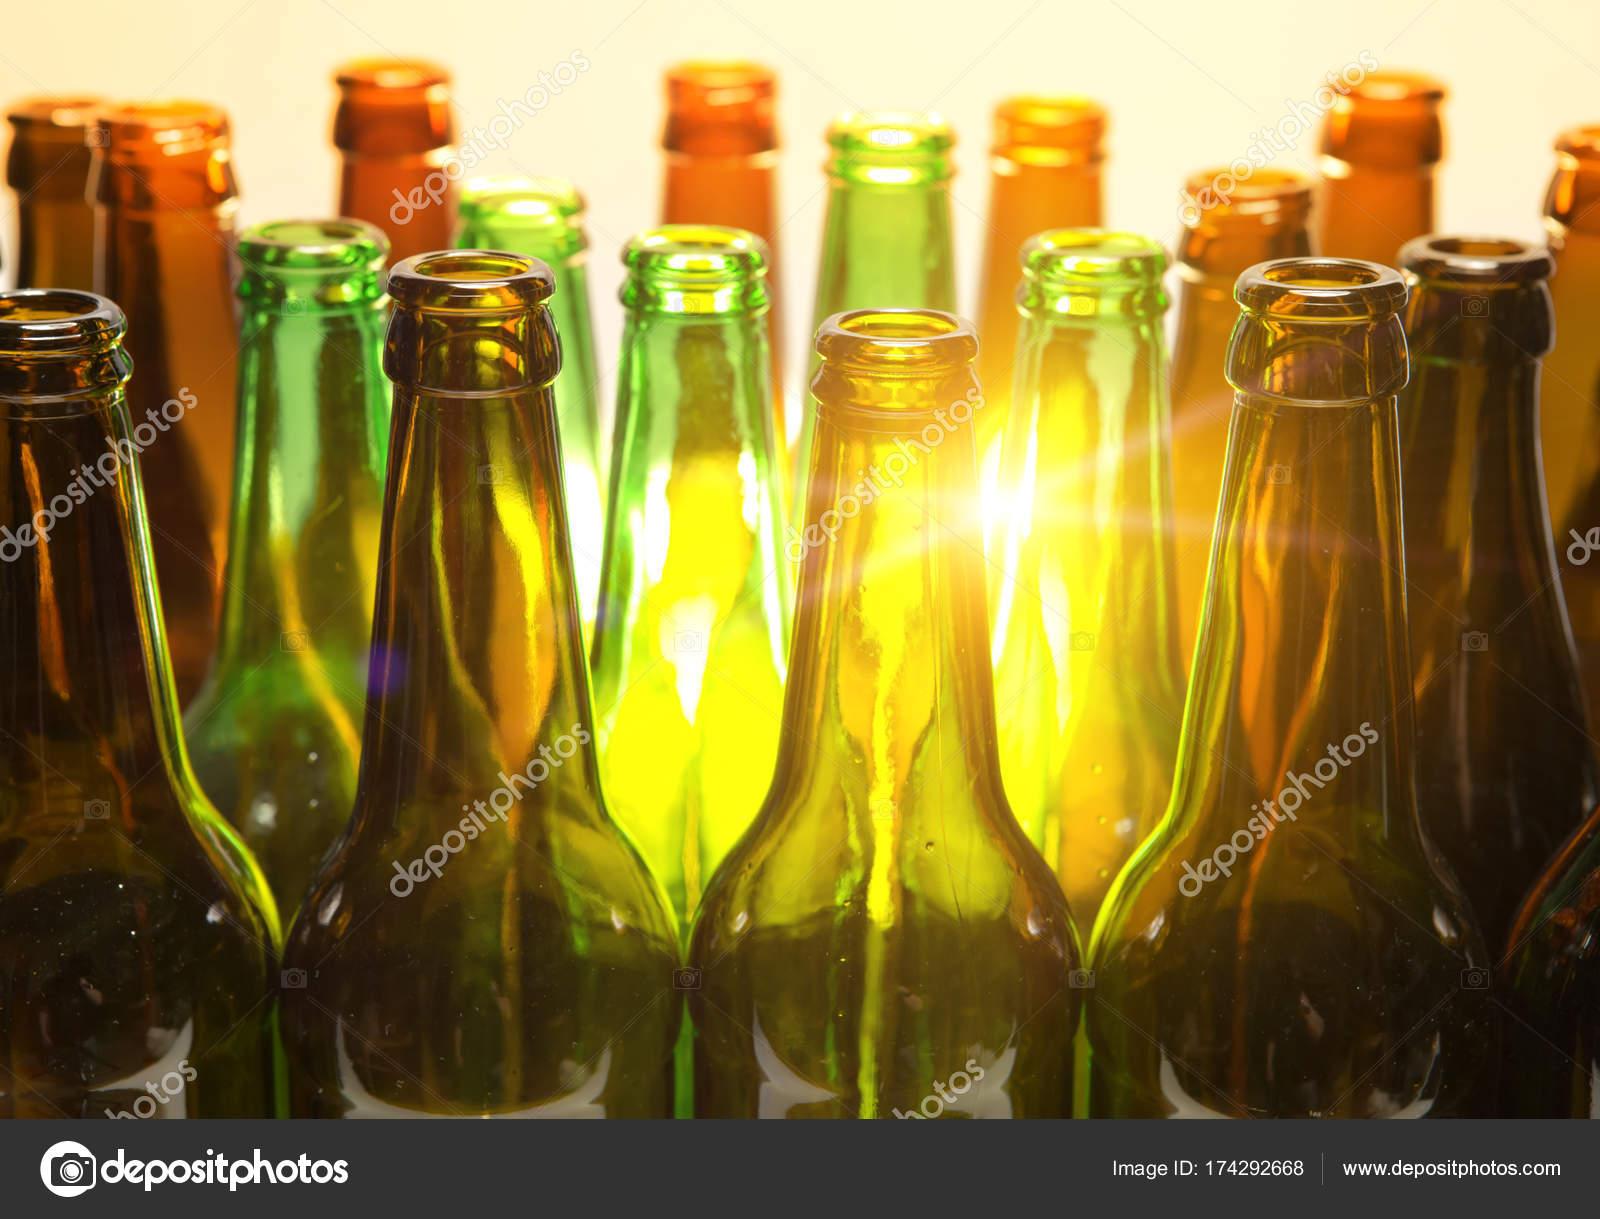 Село на бутылка, Порно с бутылкой - Жещины пихают себе во влагалище 25 фотография